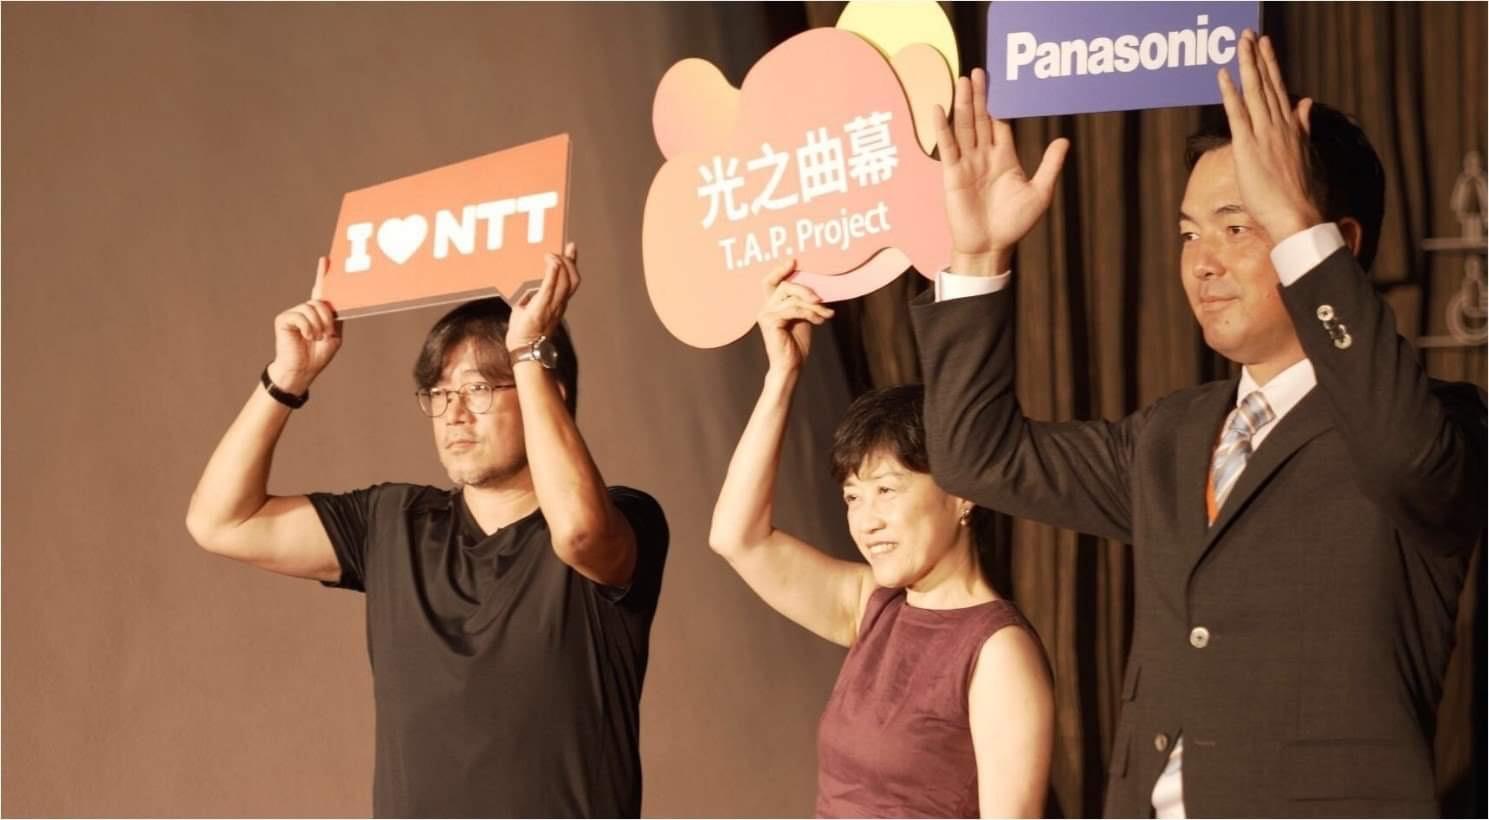 臺中國家歌劇院與 Panasonic 共同打造沉浸式視覺體驗 「光之曲幕 T.A.P. Project」新登場